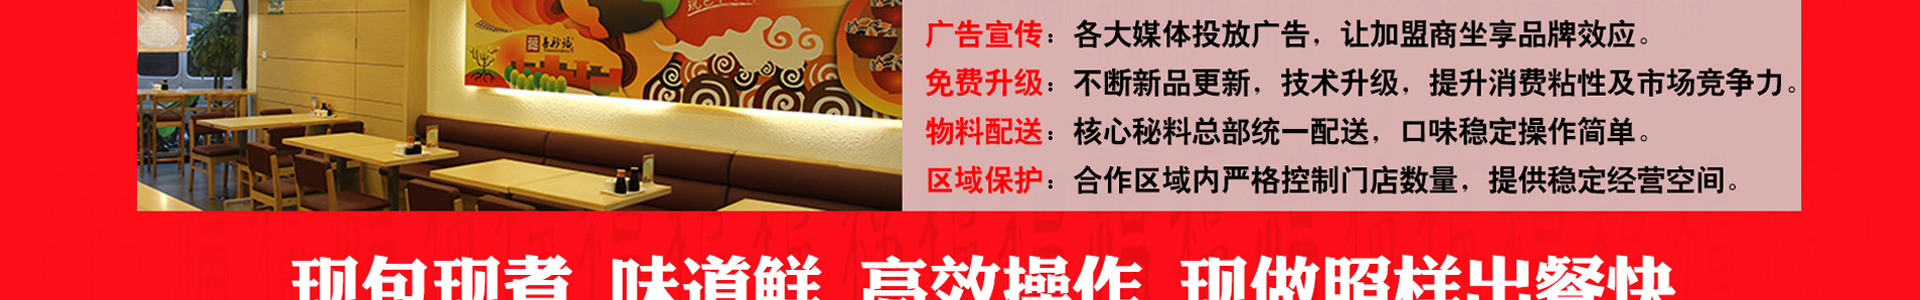 喜妙福水餃xmf_14